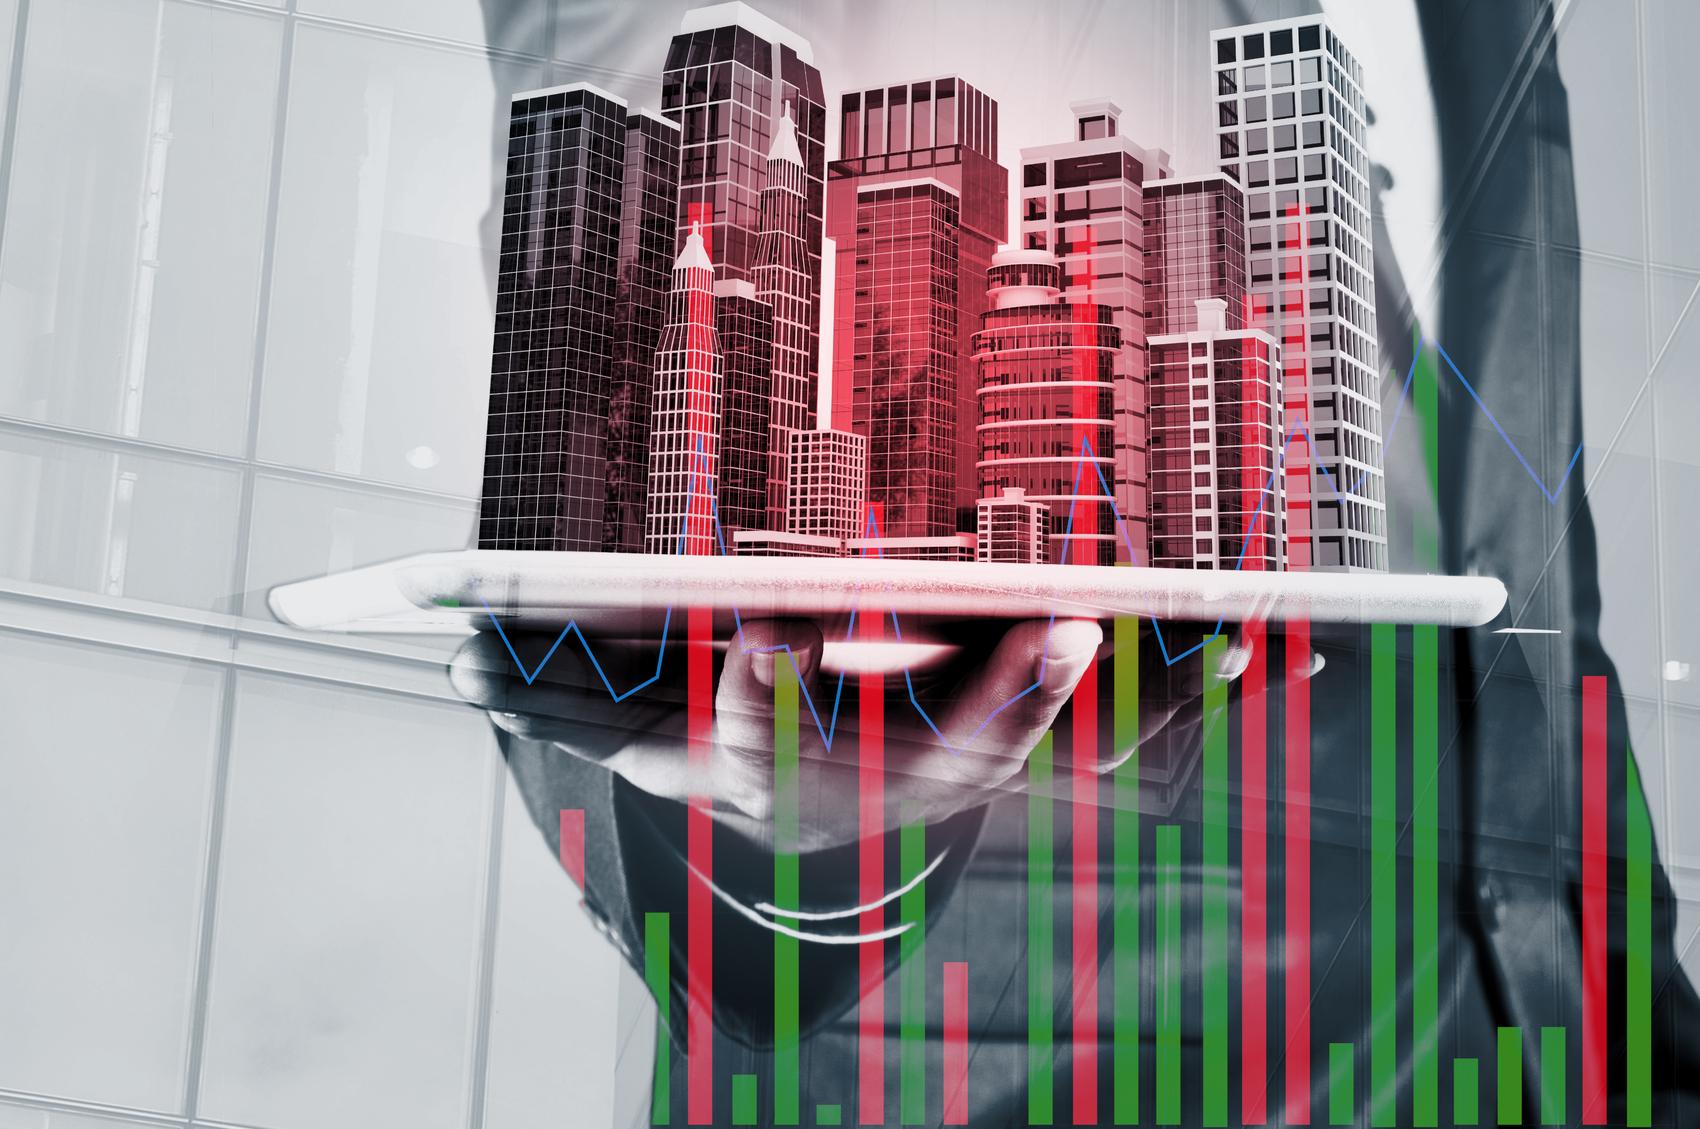 Casas maiores, escritórios menores: pandemia revoluciona mercado ...